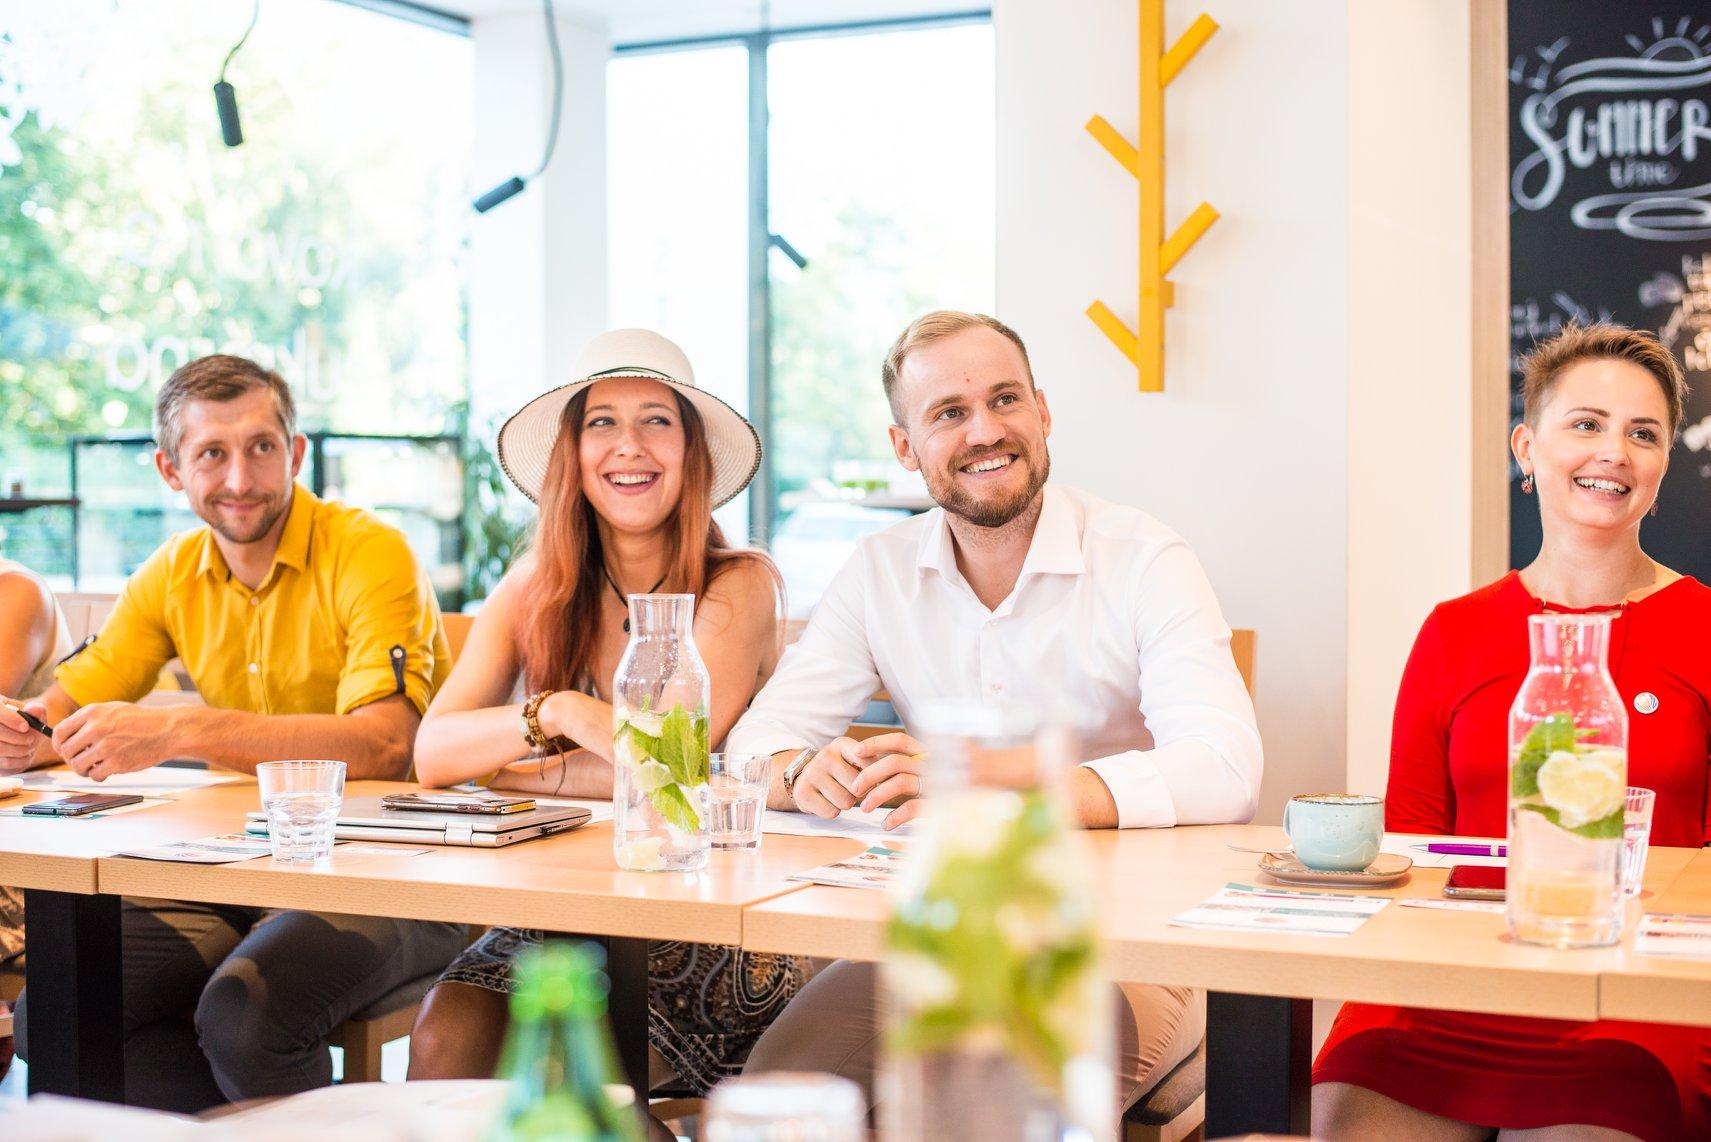 Vyzkoušejte Smart Network… hodně jiný podnikatelský klub